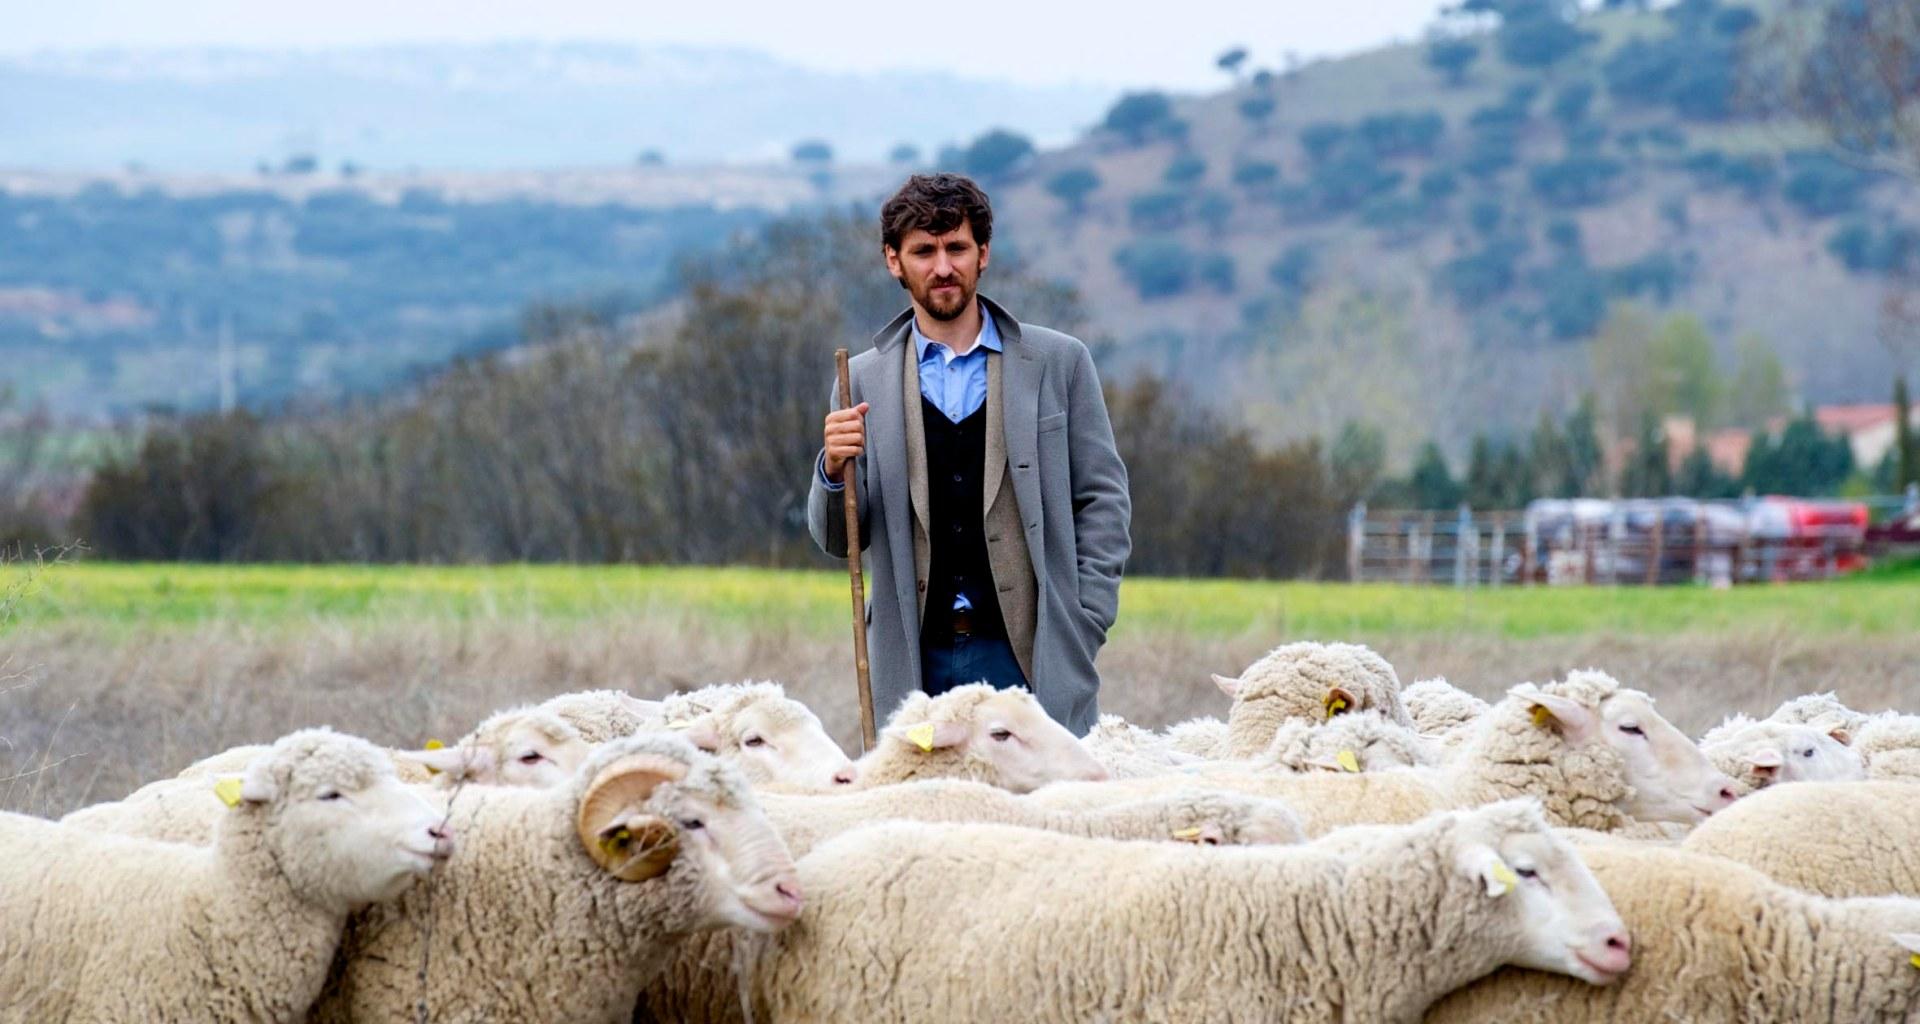 """MADRID, ESPAÑA - Fotos durante el rodaje de la pelicula """"Las ovejas no pierden el tren"""" dirigida por Alvaro Fernandez Armero en Marzo 21, 2014 en Madrid, España. (Foto por Juan Naharro Gimenez)"""